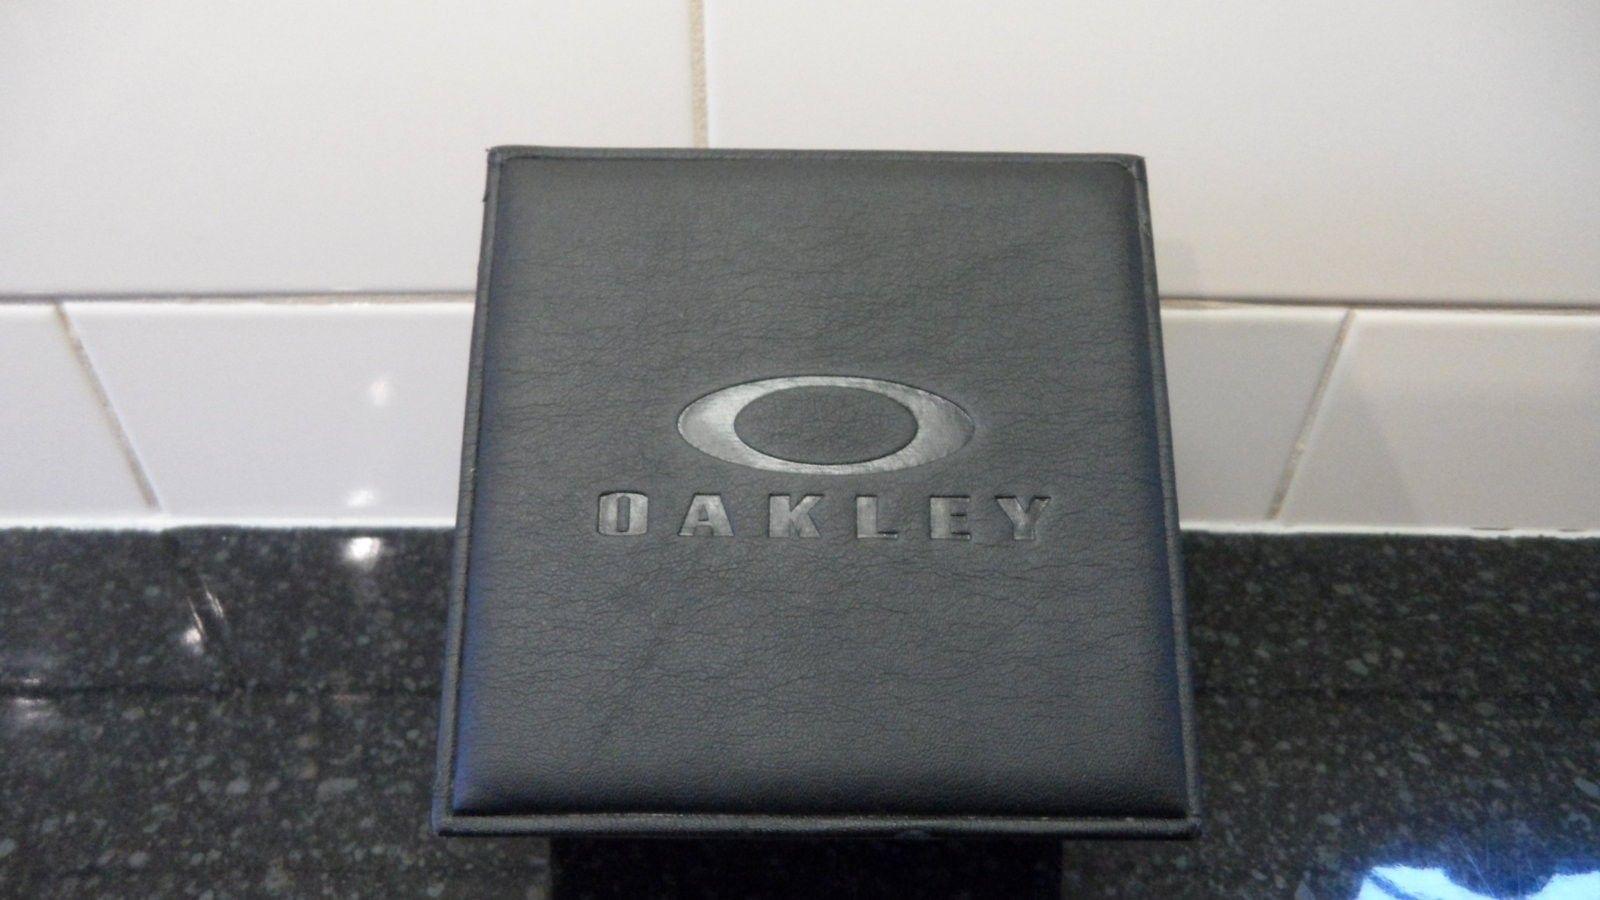 Brand New Crankcase Watch Stainless Steel/Black with Unobtanium - SAM_0001.JPG